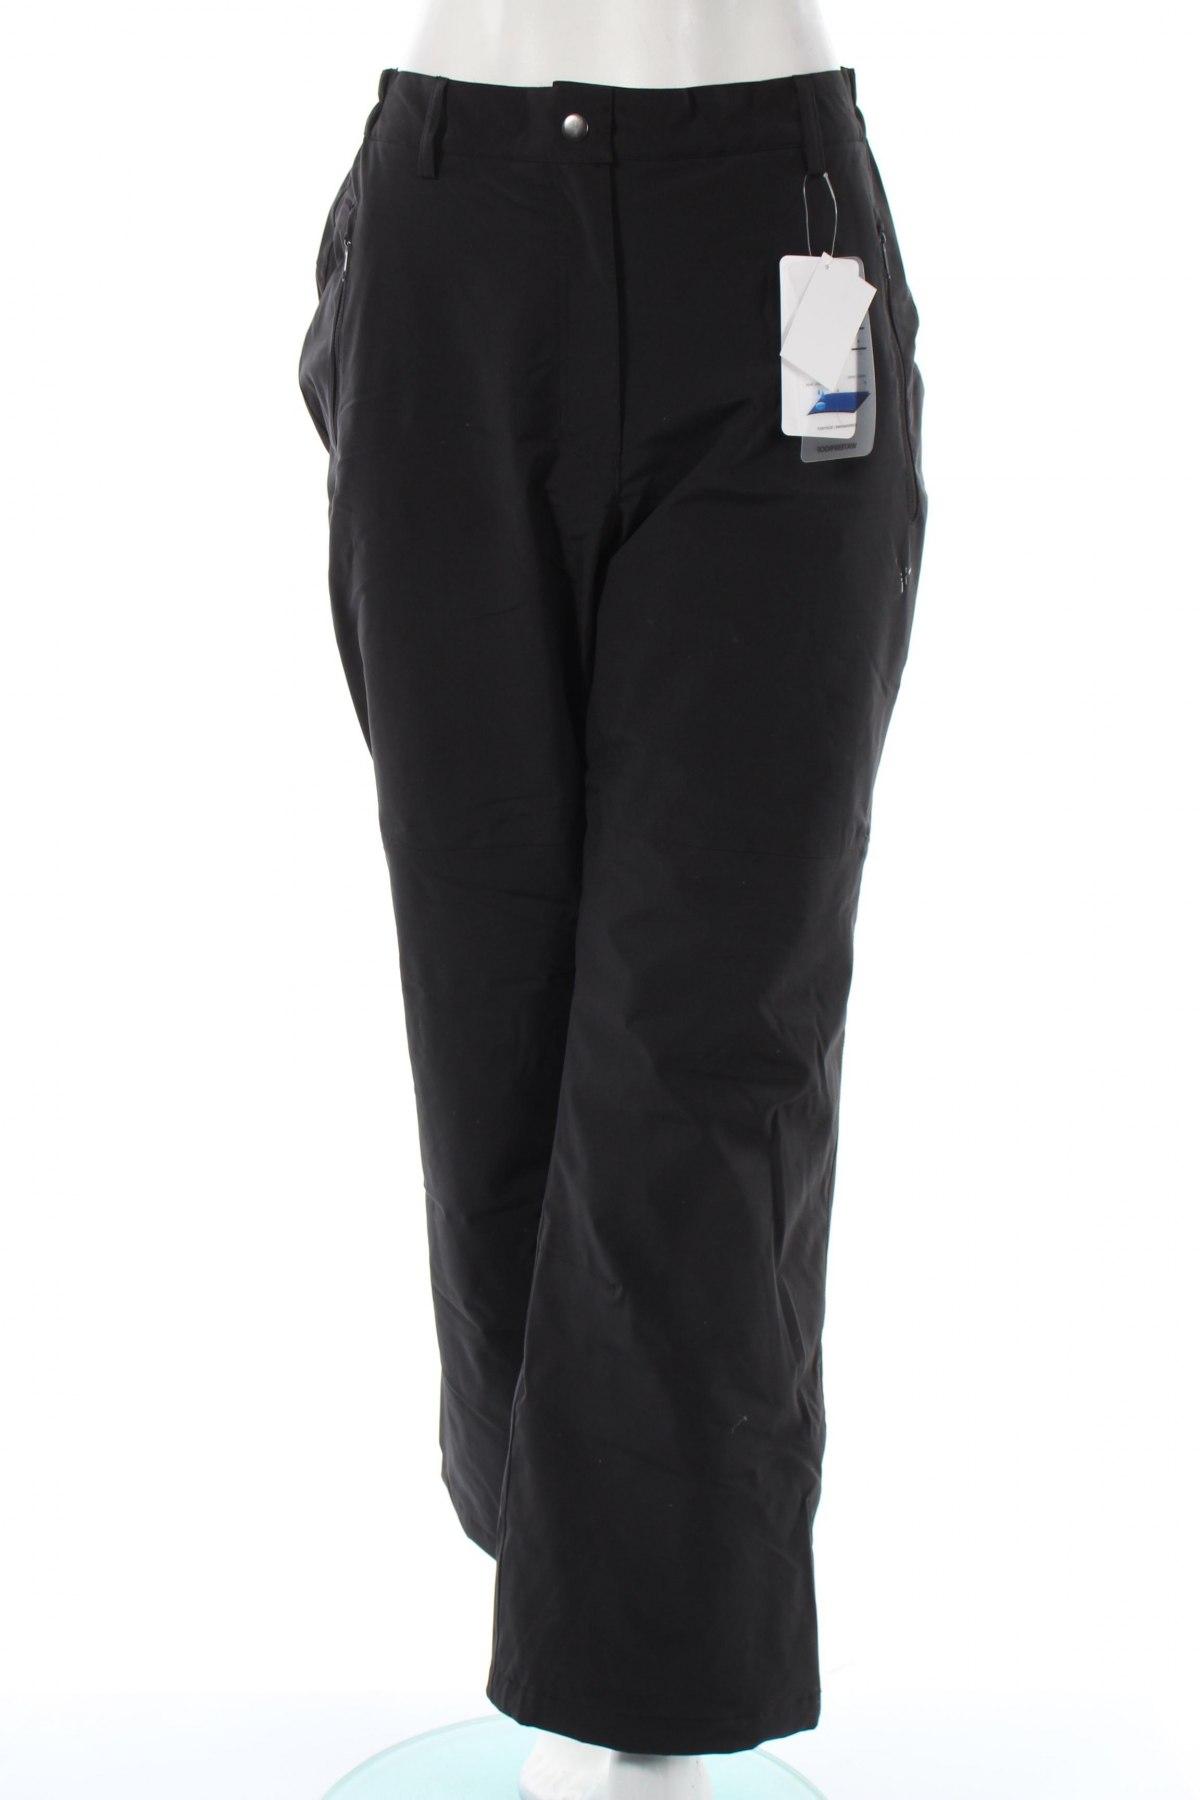 Дамски панталон за зимни спортове Ulla Popken, Размер XL, Цвят Черен, 94% полиестер, 6% еластан, Цена 52,15лв.